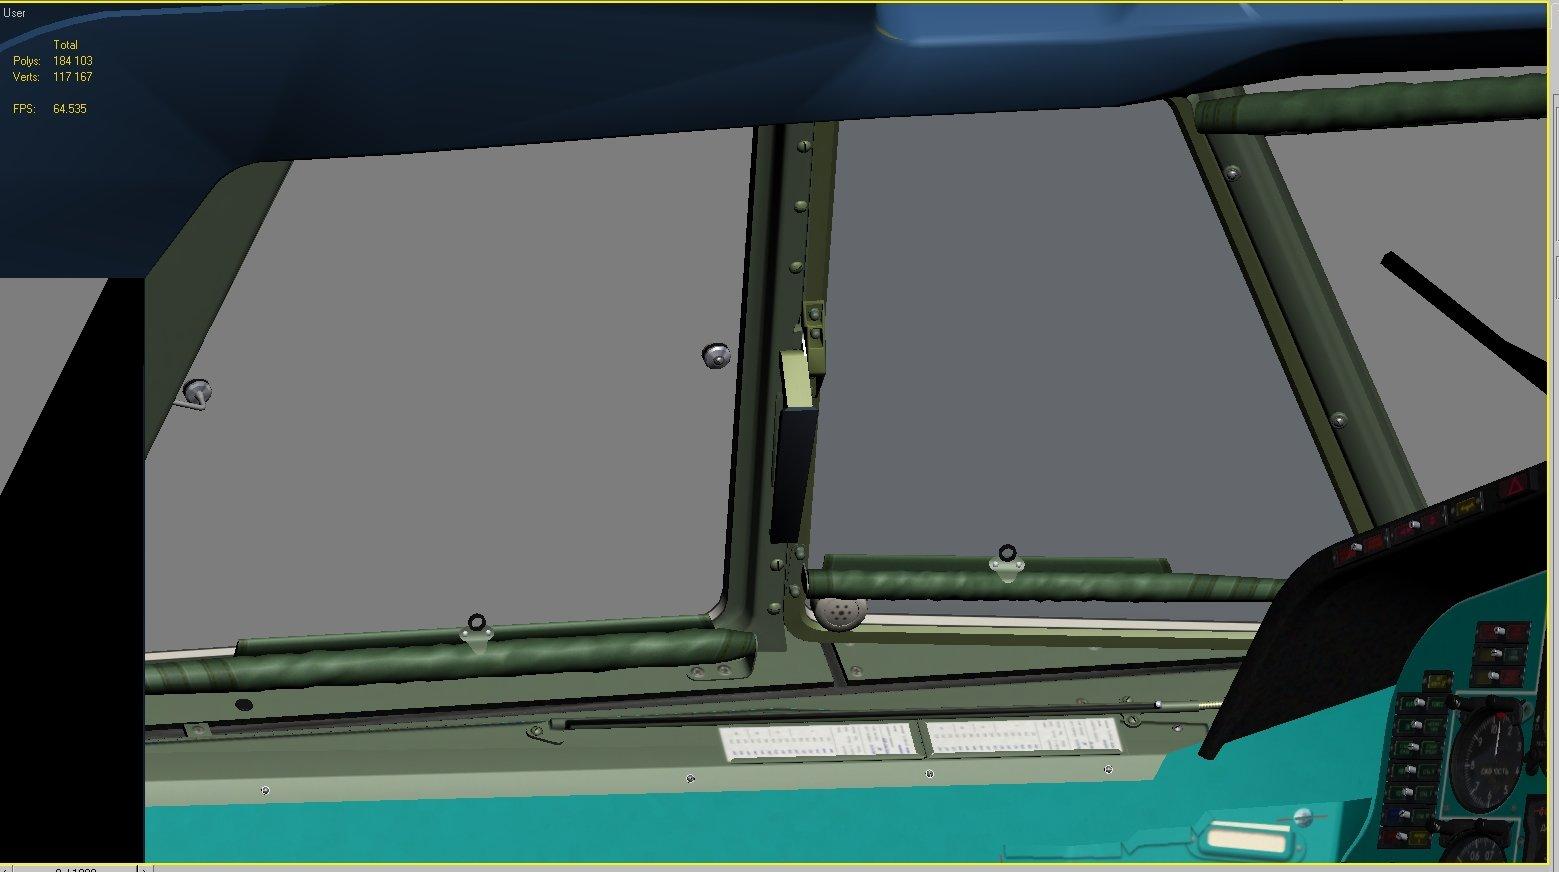 329339398_2018-11-1400_03_04-Tu-154_B2_VC254.max-ProjectFolder_D__Documents_3dsmax-Autodesk.jpg.7f3b4a87c54dc1fab1c39c7540b04d76.jpg